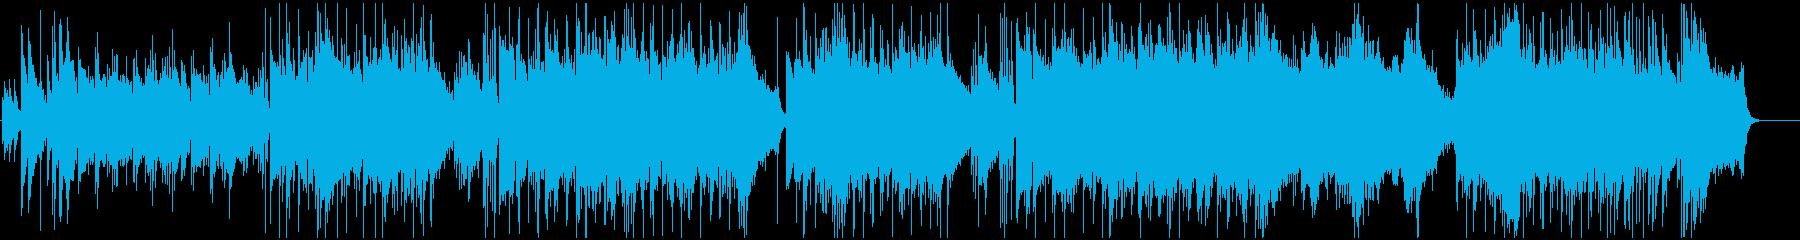 シンセリードのピアノバラードの再生済みの波形